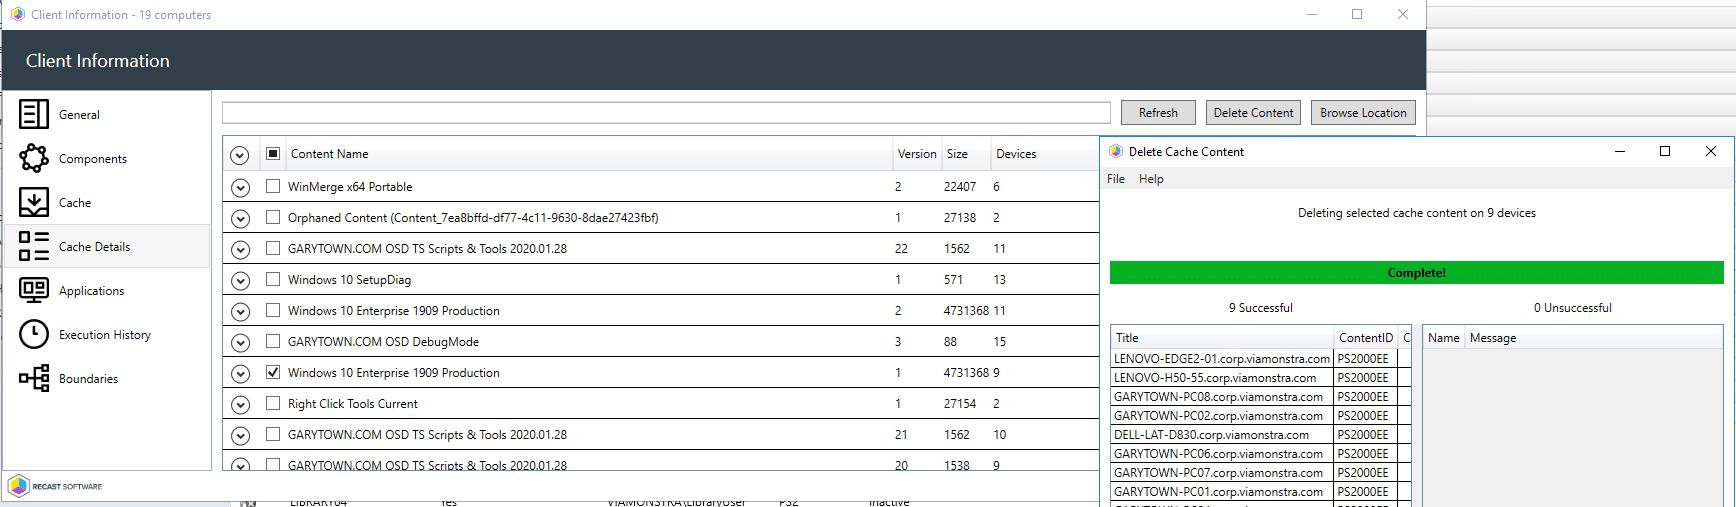 Client Info Cache Details